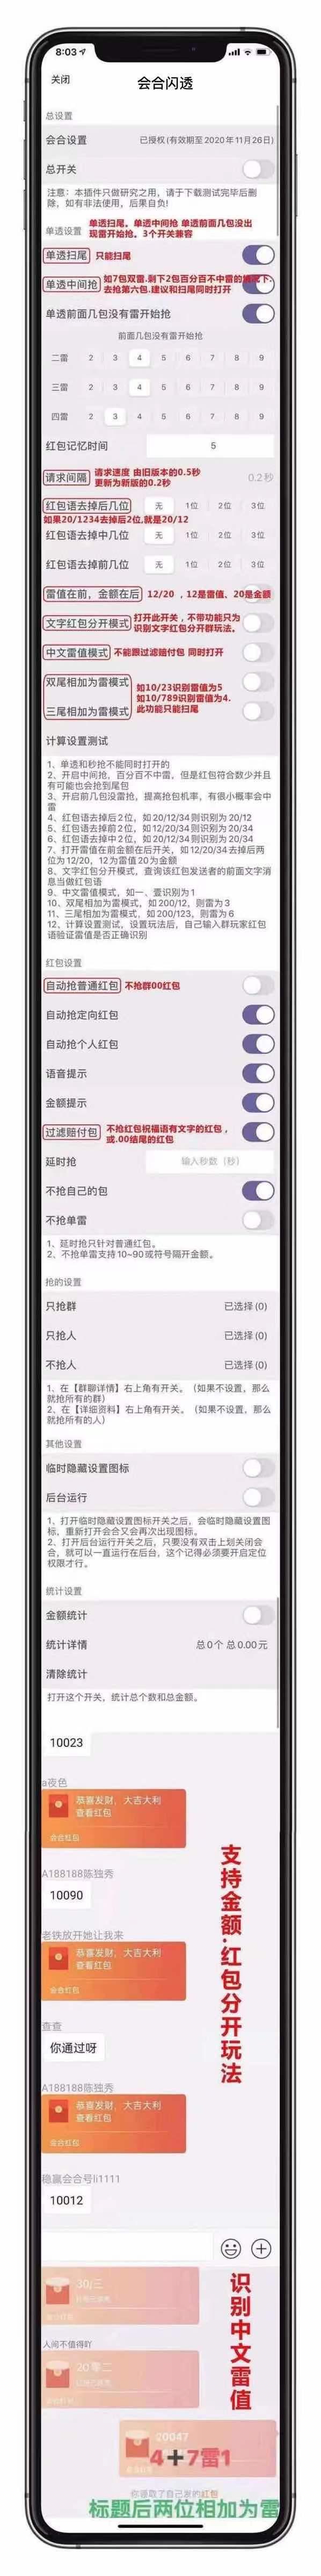 【会合闪电天卡激活码】苹果版